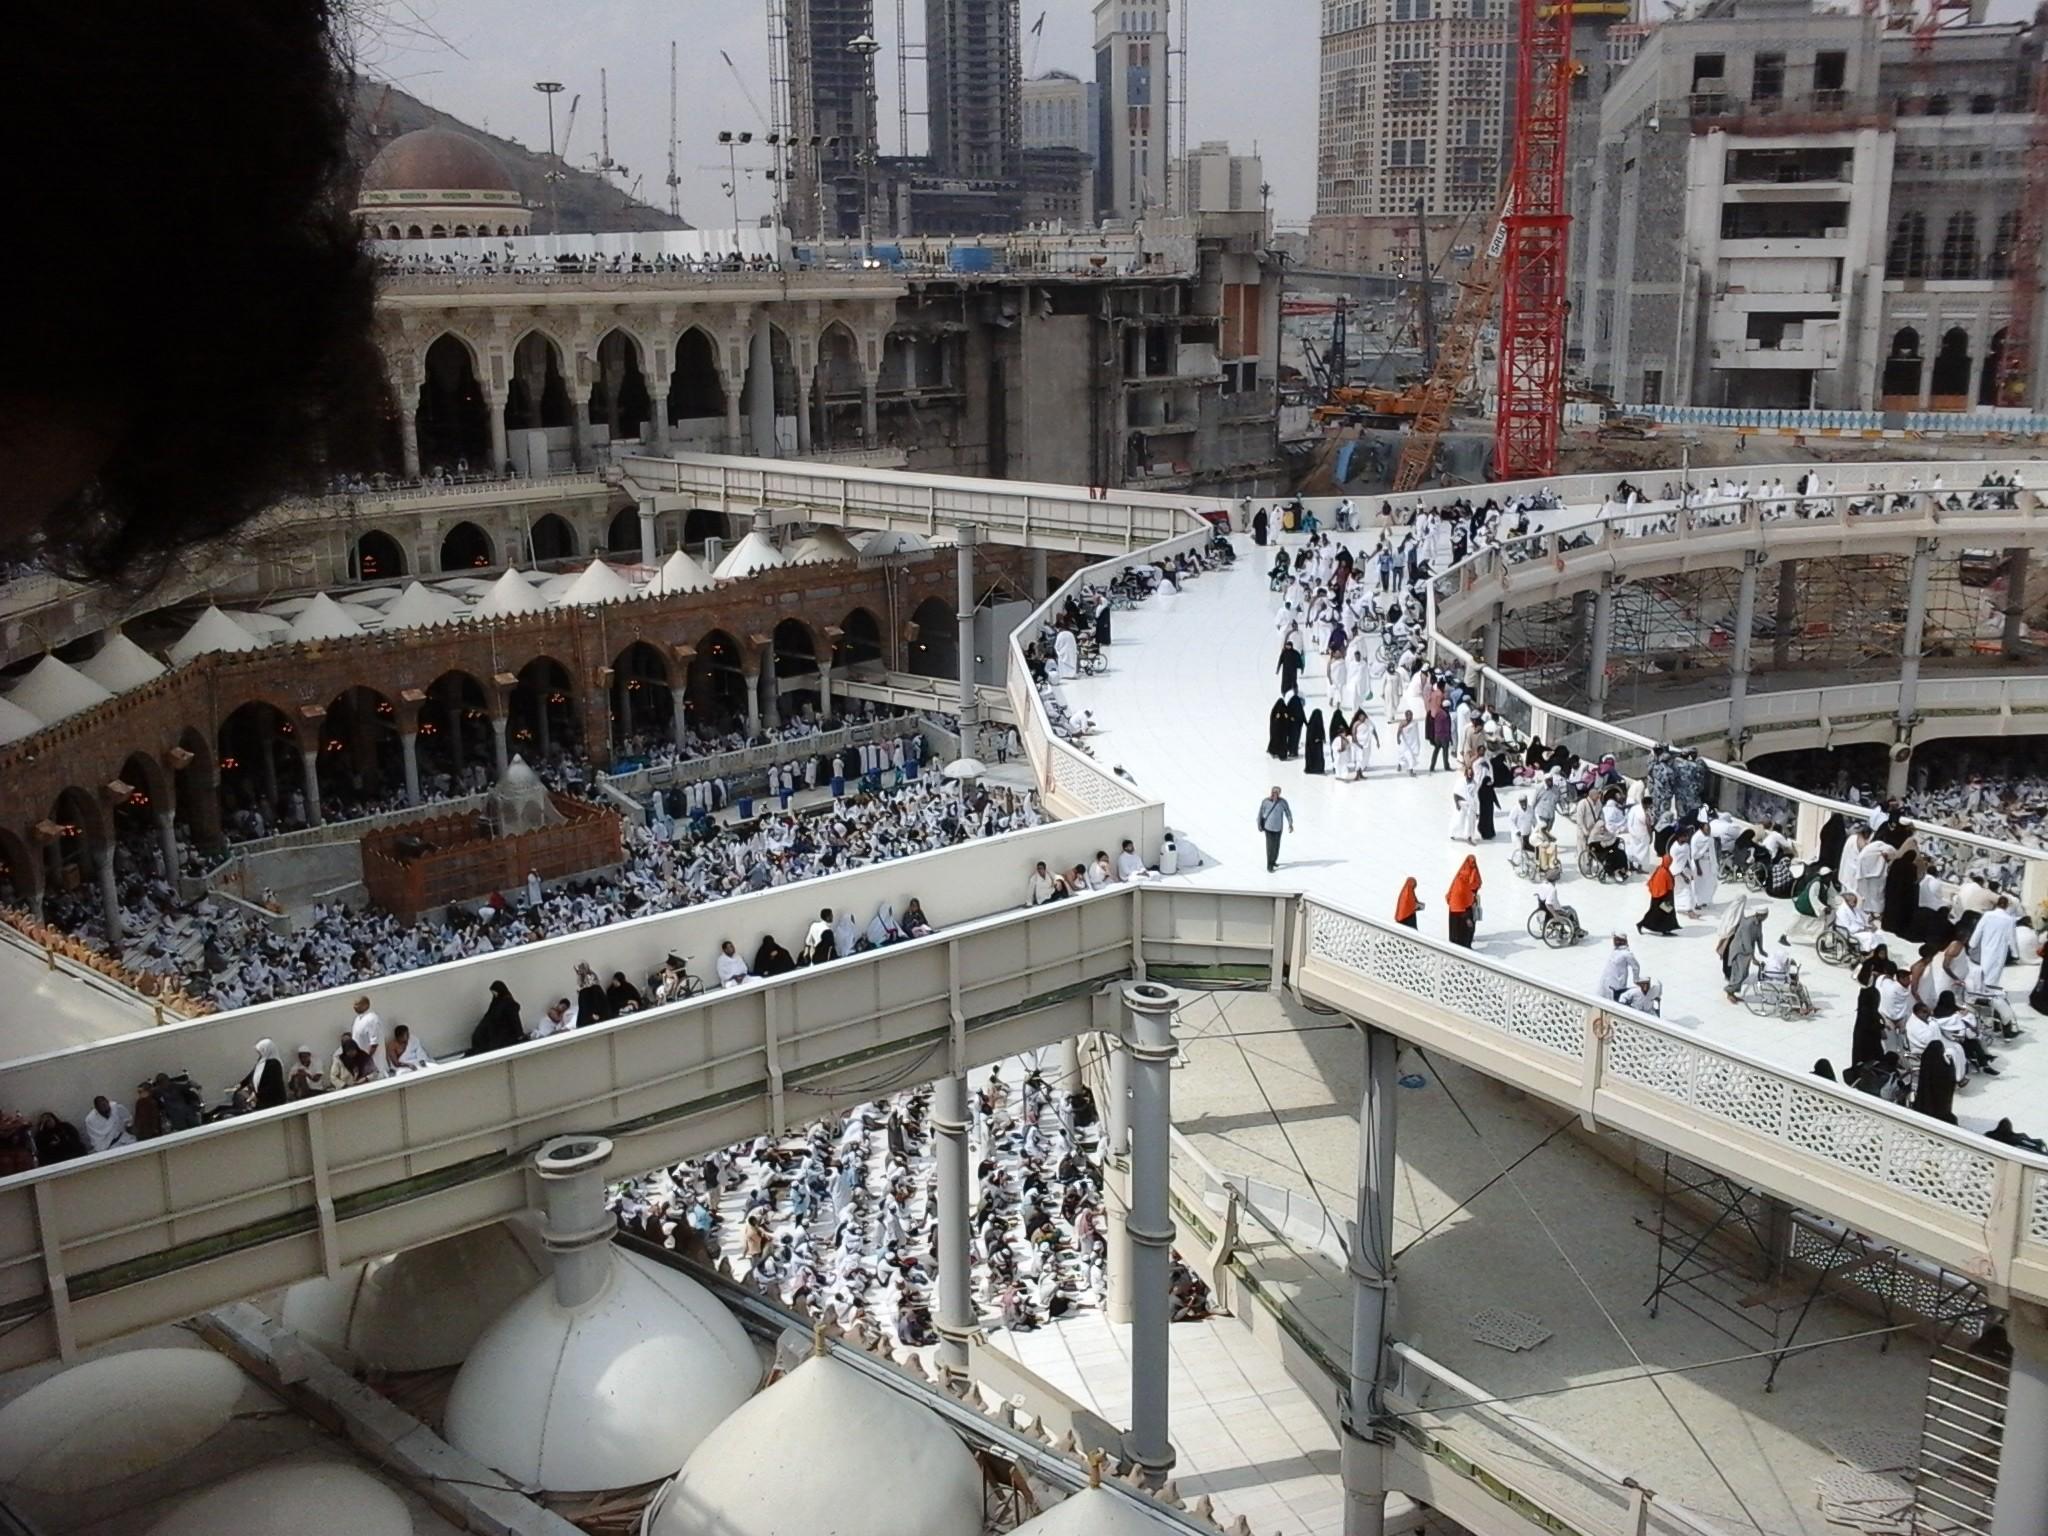 Makkah khana kaba